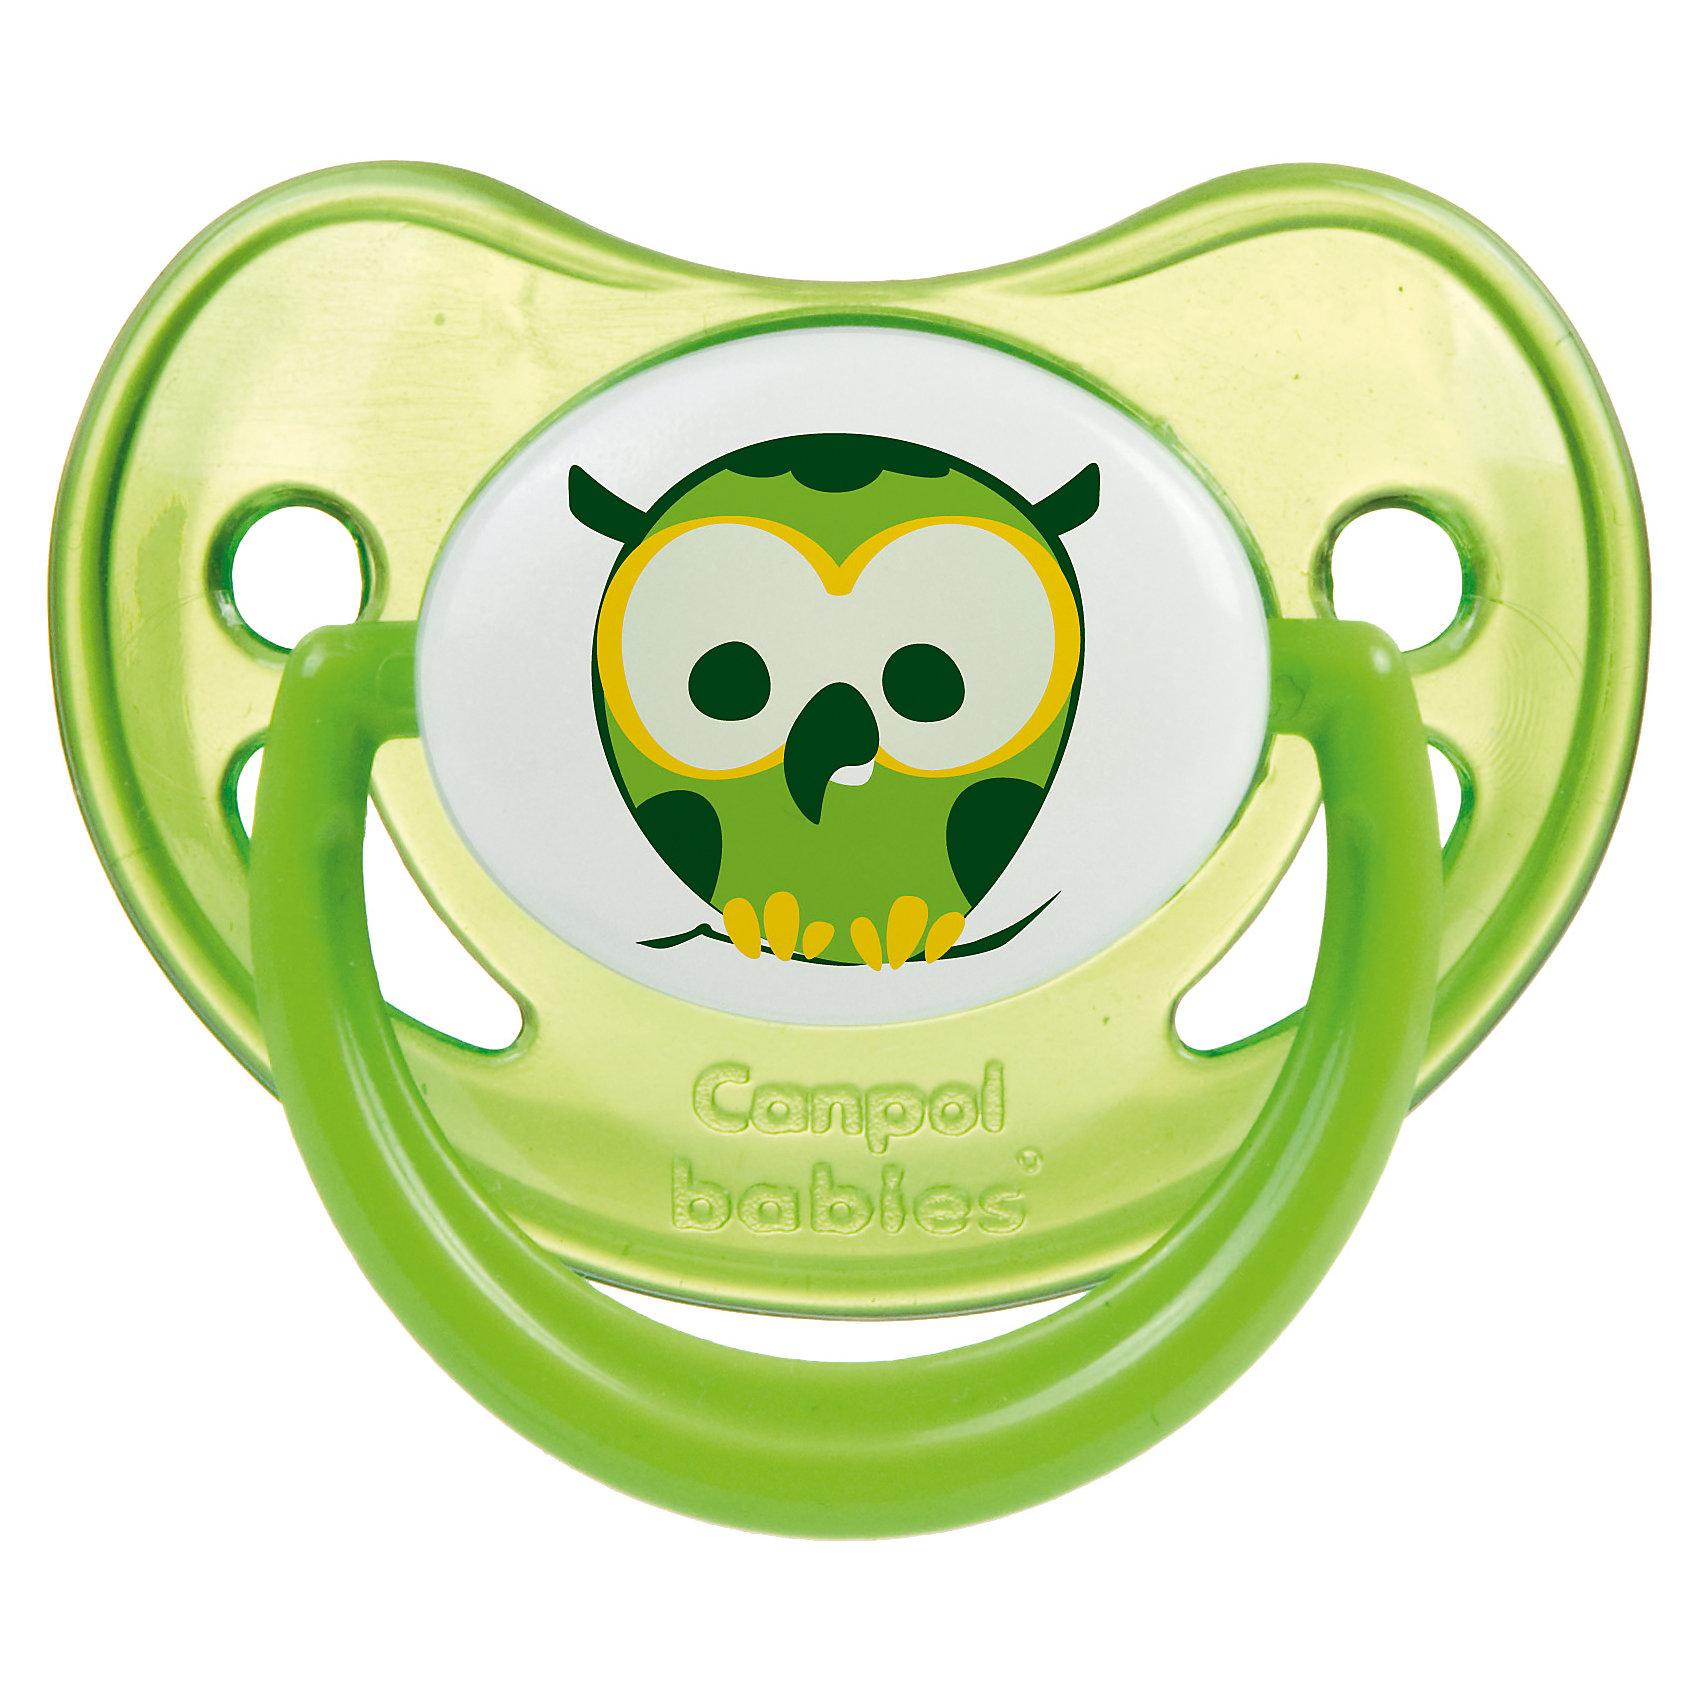 Пустышка анатомическая силиконовая, 6-18 Night Dreams, Canpol Babies, зеленыйХарактеристики:<br><br>• Наименование: пустышка<br>• Пол: универсальный<br>• Материал: силикон, пластик<br>• Цвет: зеленый, белый<br>• Форма: анатомическая<br>• Наличие отверстий для вентиляции<br>• Наличие кольца для держателя<br>• Особенности ухода: регулярная стерилизация и своевременная замена<br><br>Пустышка анатомическая силиконовая, 6-18 Night Dreams, Canpol Babies, зеленый имеет специальную форму, которая обеспечивает правильное давление на небо. Изготовлена из запатентованного вида силикона, который не имеет запаха. При правильном уходе обеспечивает длительное использование. У соски имеется классический ограничитель с отверстиями для вентиляции и кольцо для держателя, которое светится в темноте. Пустышка анатомическая силиконовая, 6-18 Night Dreams, Canpol Babies, зеленый выполнена в ярком дизайне с изображением совушки.<br><br>Пустышку анатомическую силиконовую, 6-18 Night Dreams, Canpol Babies, зеленую можно купить в нашем интернет-магазине.<br><br>Ширина мм: 95<br>Глубина мм: 45<br>Высота мм: 155<br>Вес г: 110<br>Возраст от месяцев: 6<br>Возраст до месяцев: 18<br>Пол: Унисекс<br>Возраст: Детский<br>SKU: 5156623